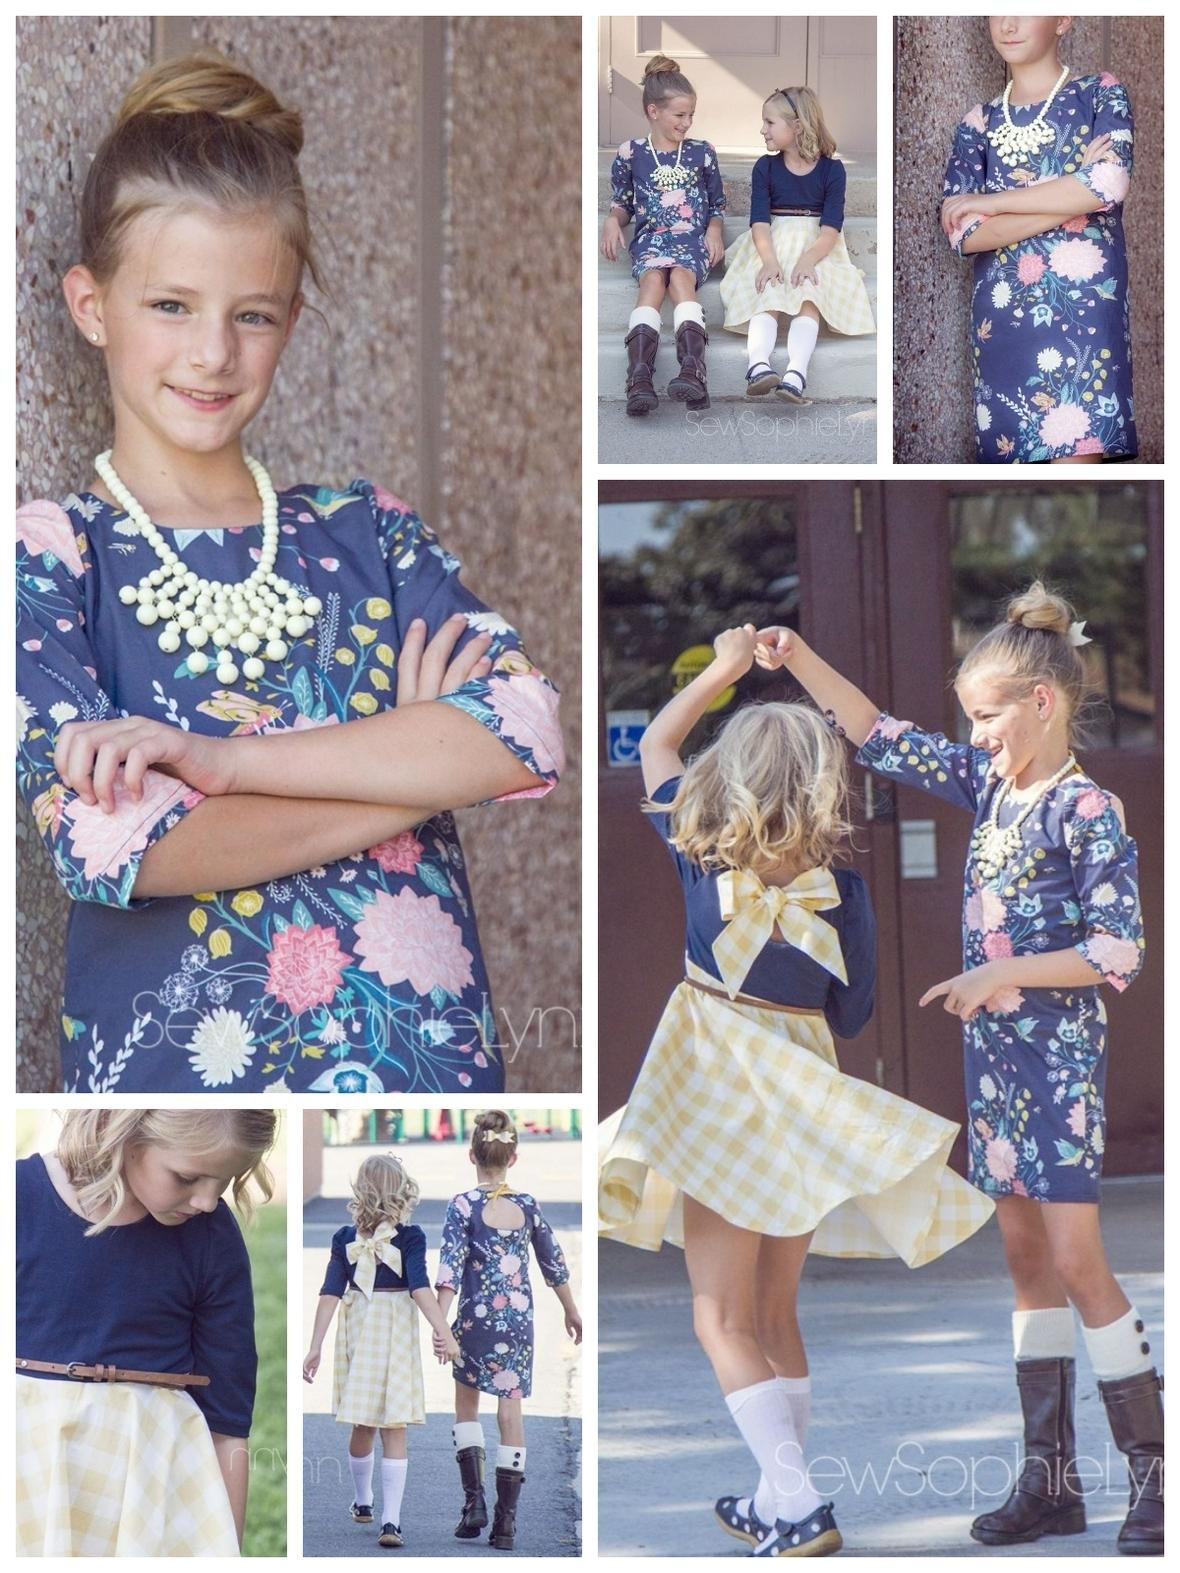 Sew Sophie Lynn Nectar Fabric 1200